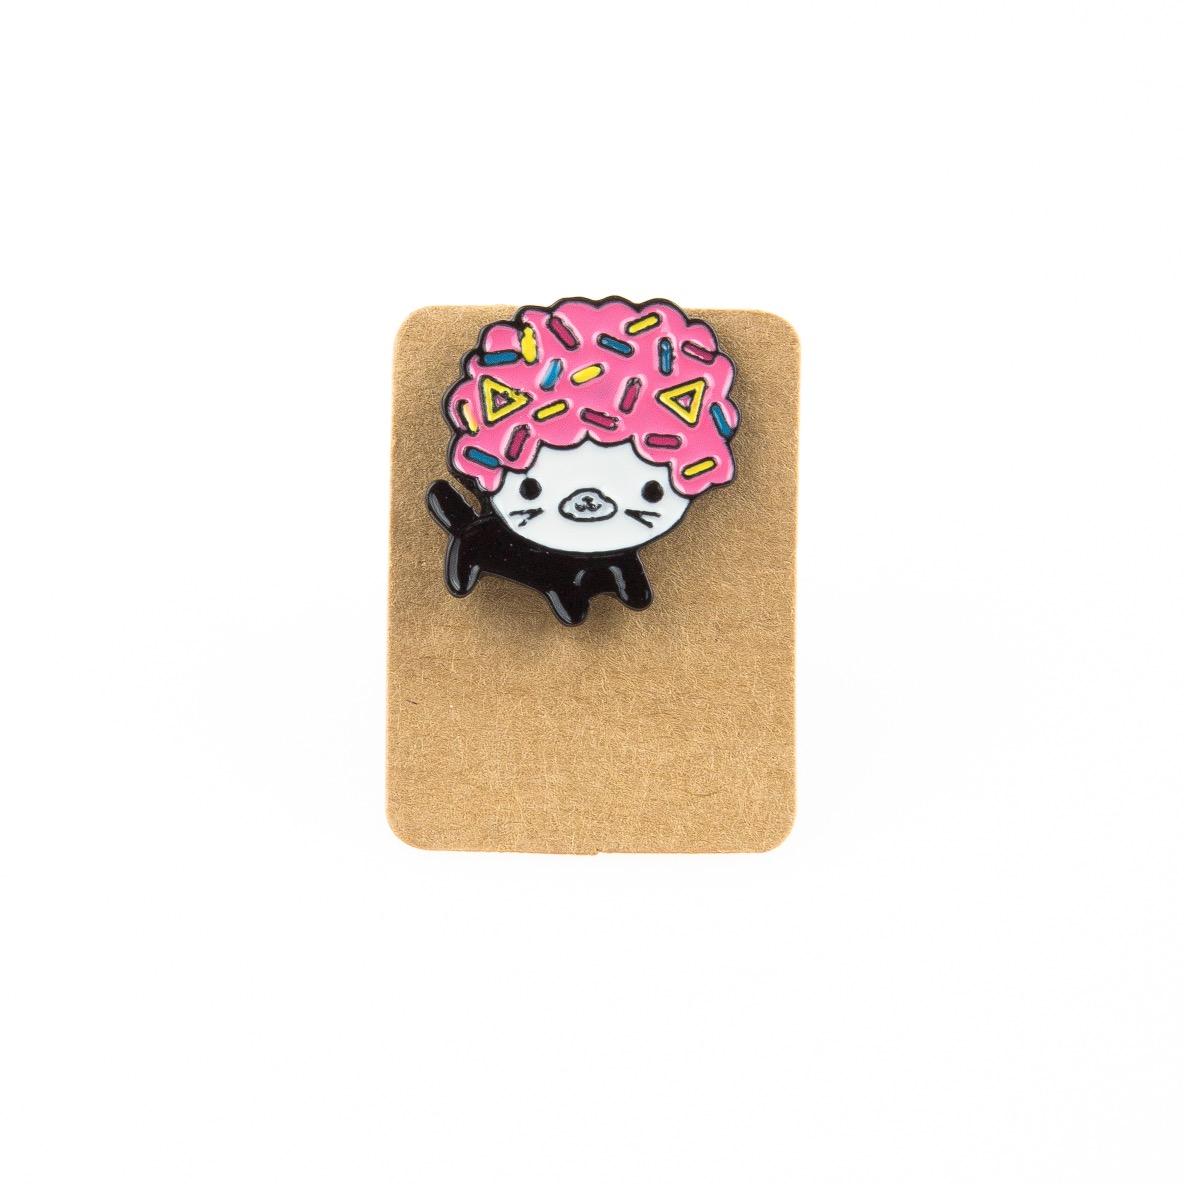 Metal Cat Donut Head Enamel Pin Badge